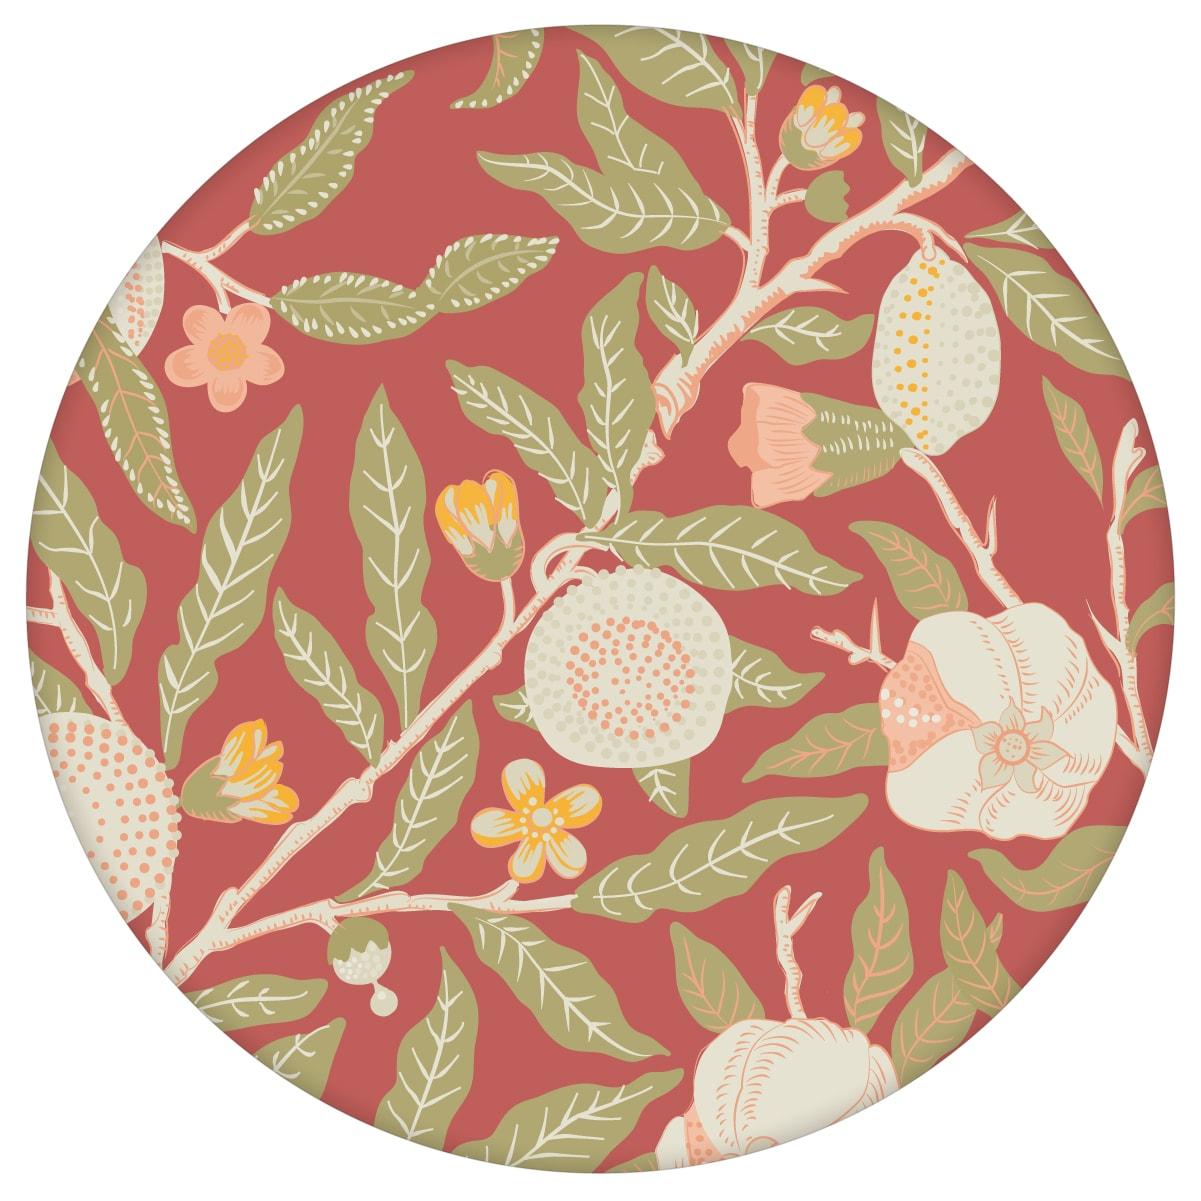 """Retro Jugendstil Tapete """"Granatapfel Baum"""" nach William Morris, rote Vlies-Tapete Blumentapete für Schlafzimmer aus den Tapeten Neuheiten Blumentapeten und Borten als Naturaltouch Luxus Vliestapete oder Basic Vliestapete"""